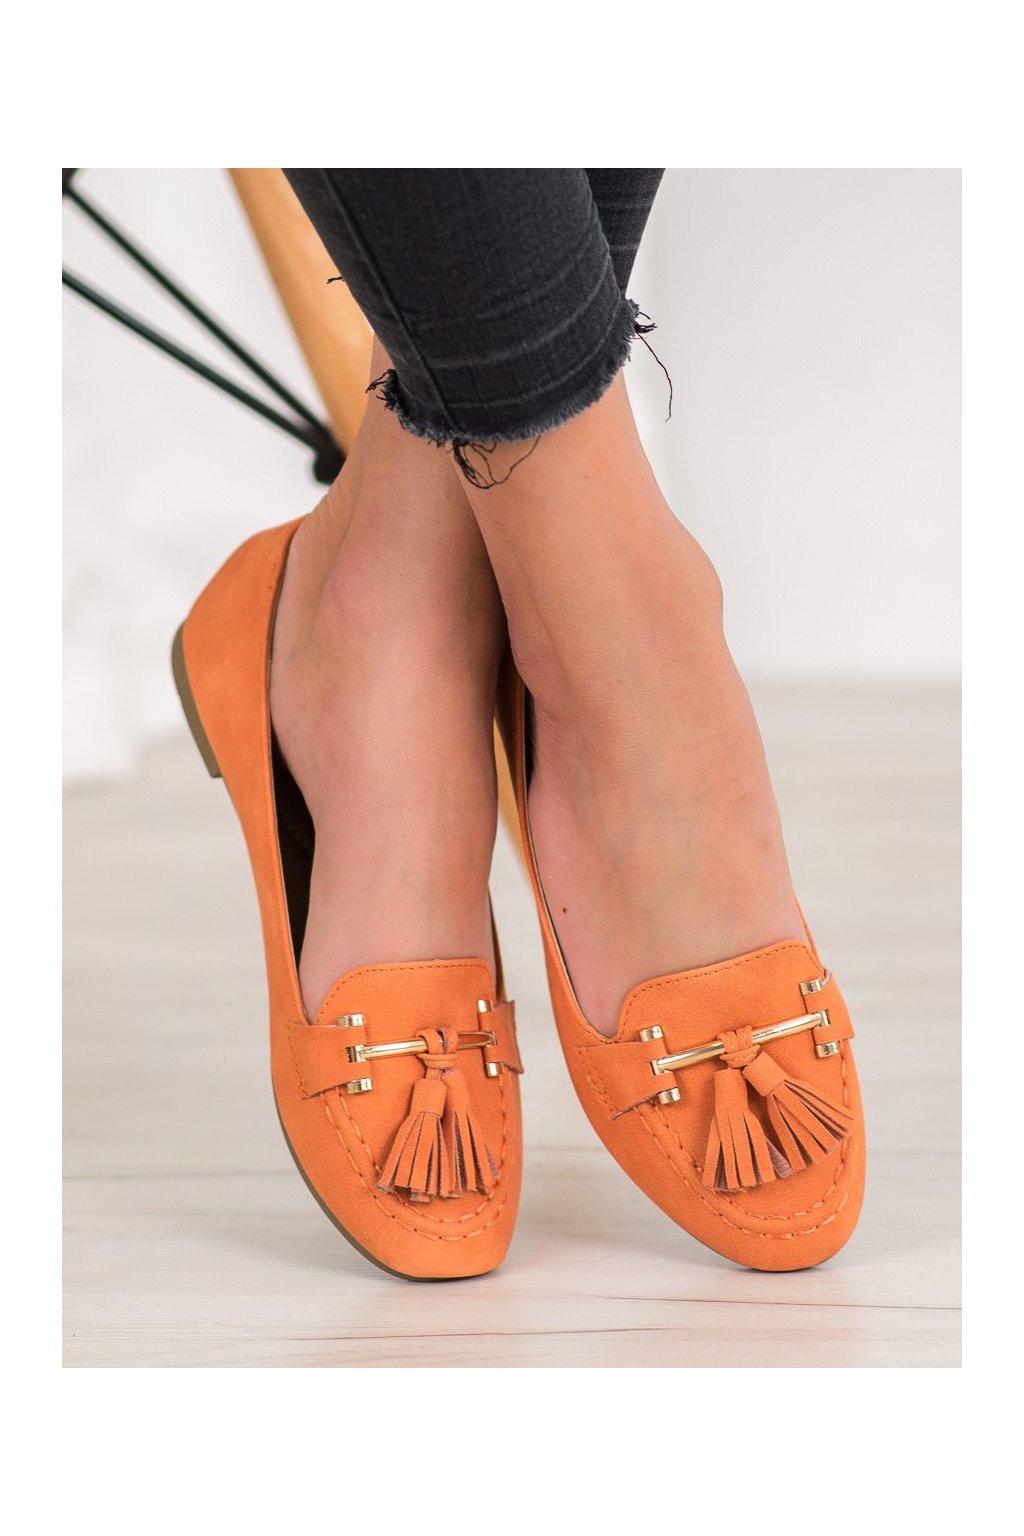 Oranžové topánky Nio nio kod 99-08A-OR